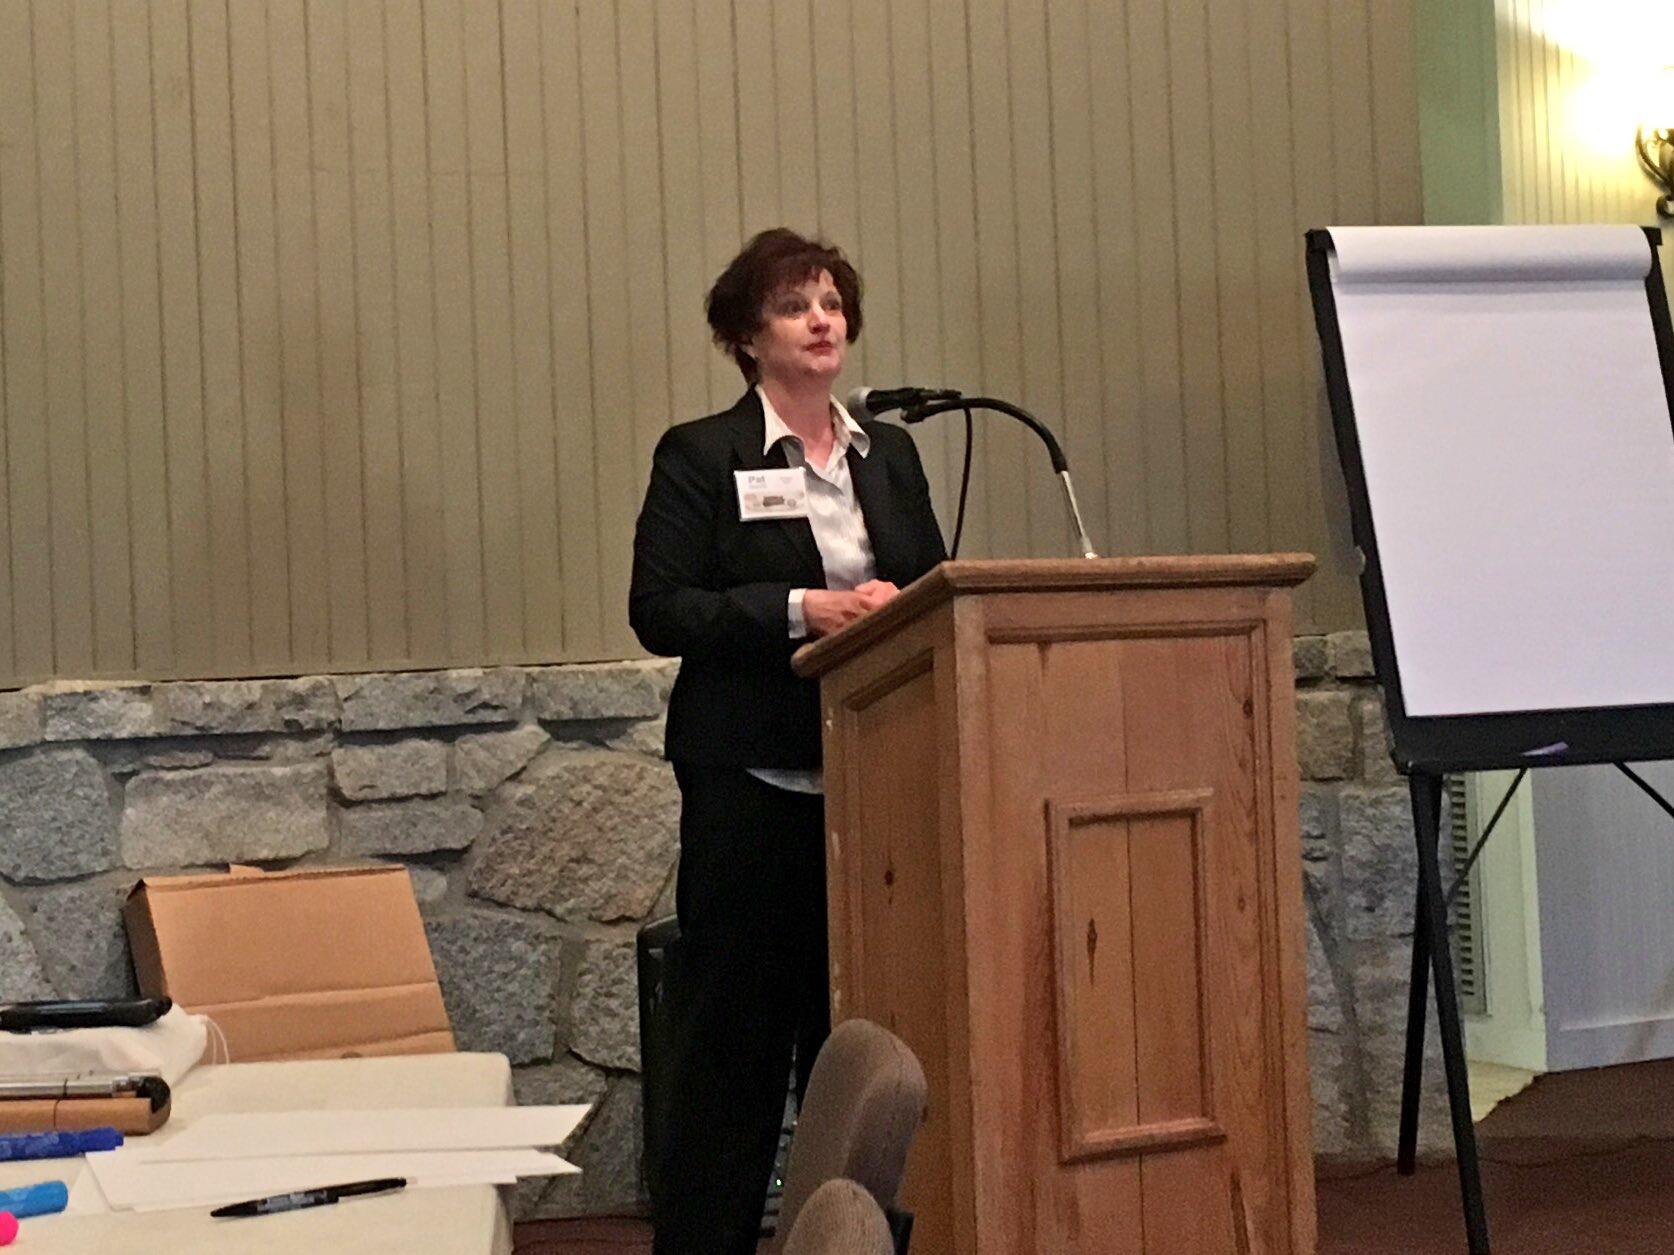 Georgia EMC Facilitator Pat Merritt